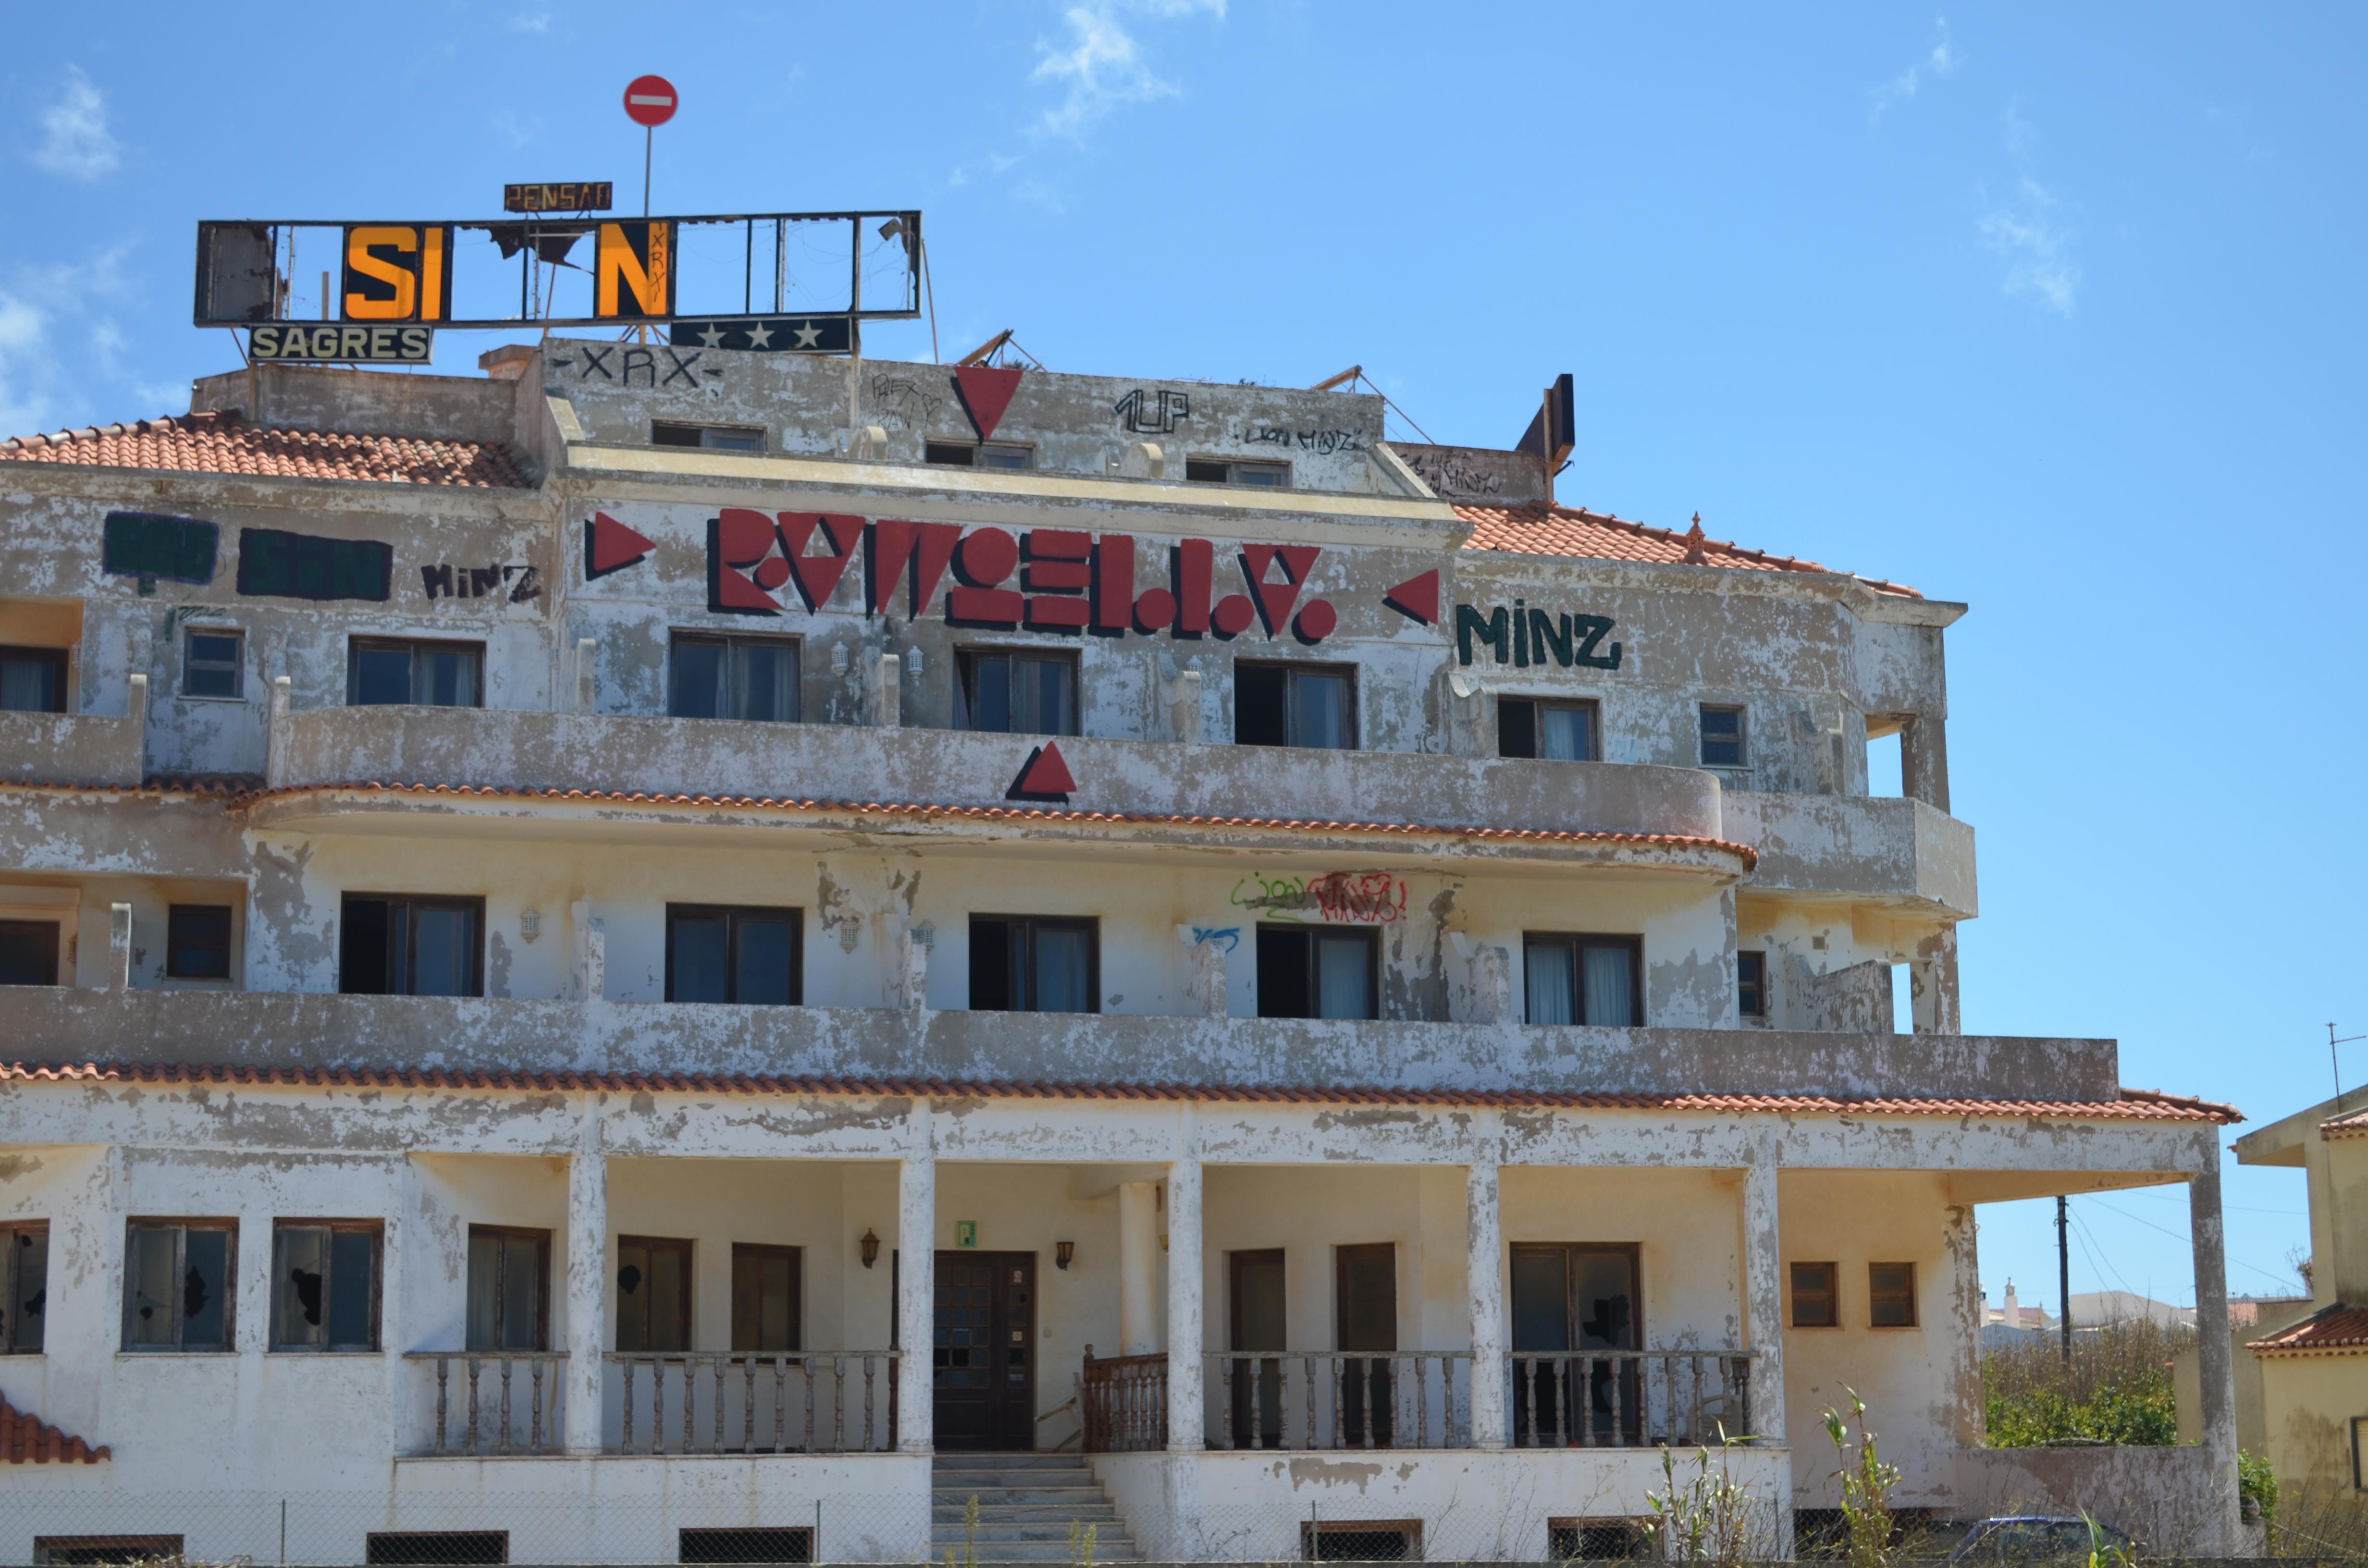 Die Ruine eines alten Surf Hostels